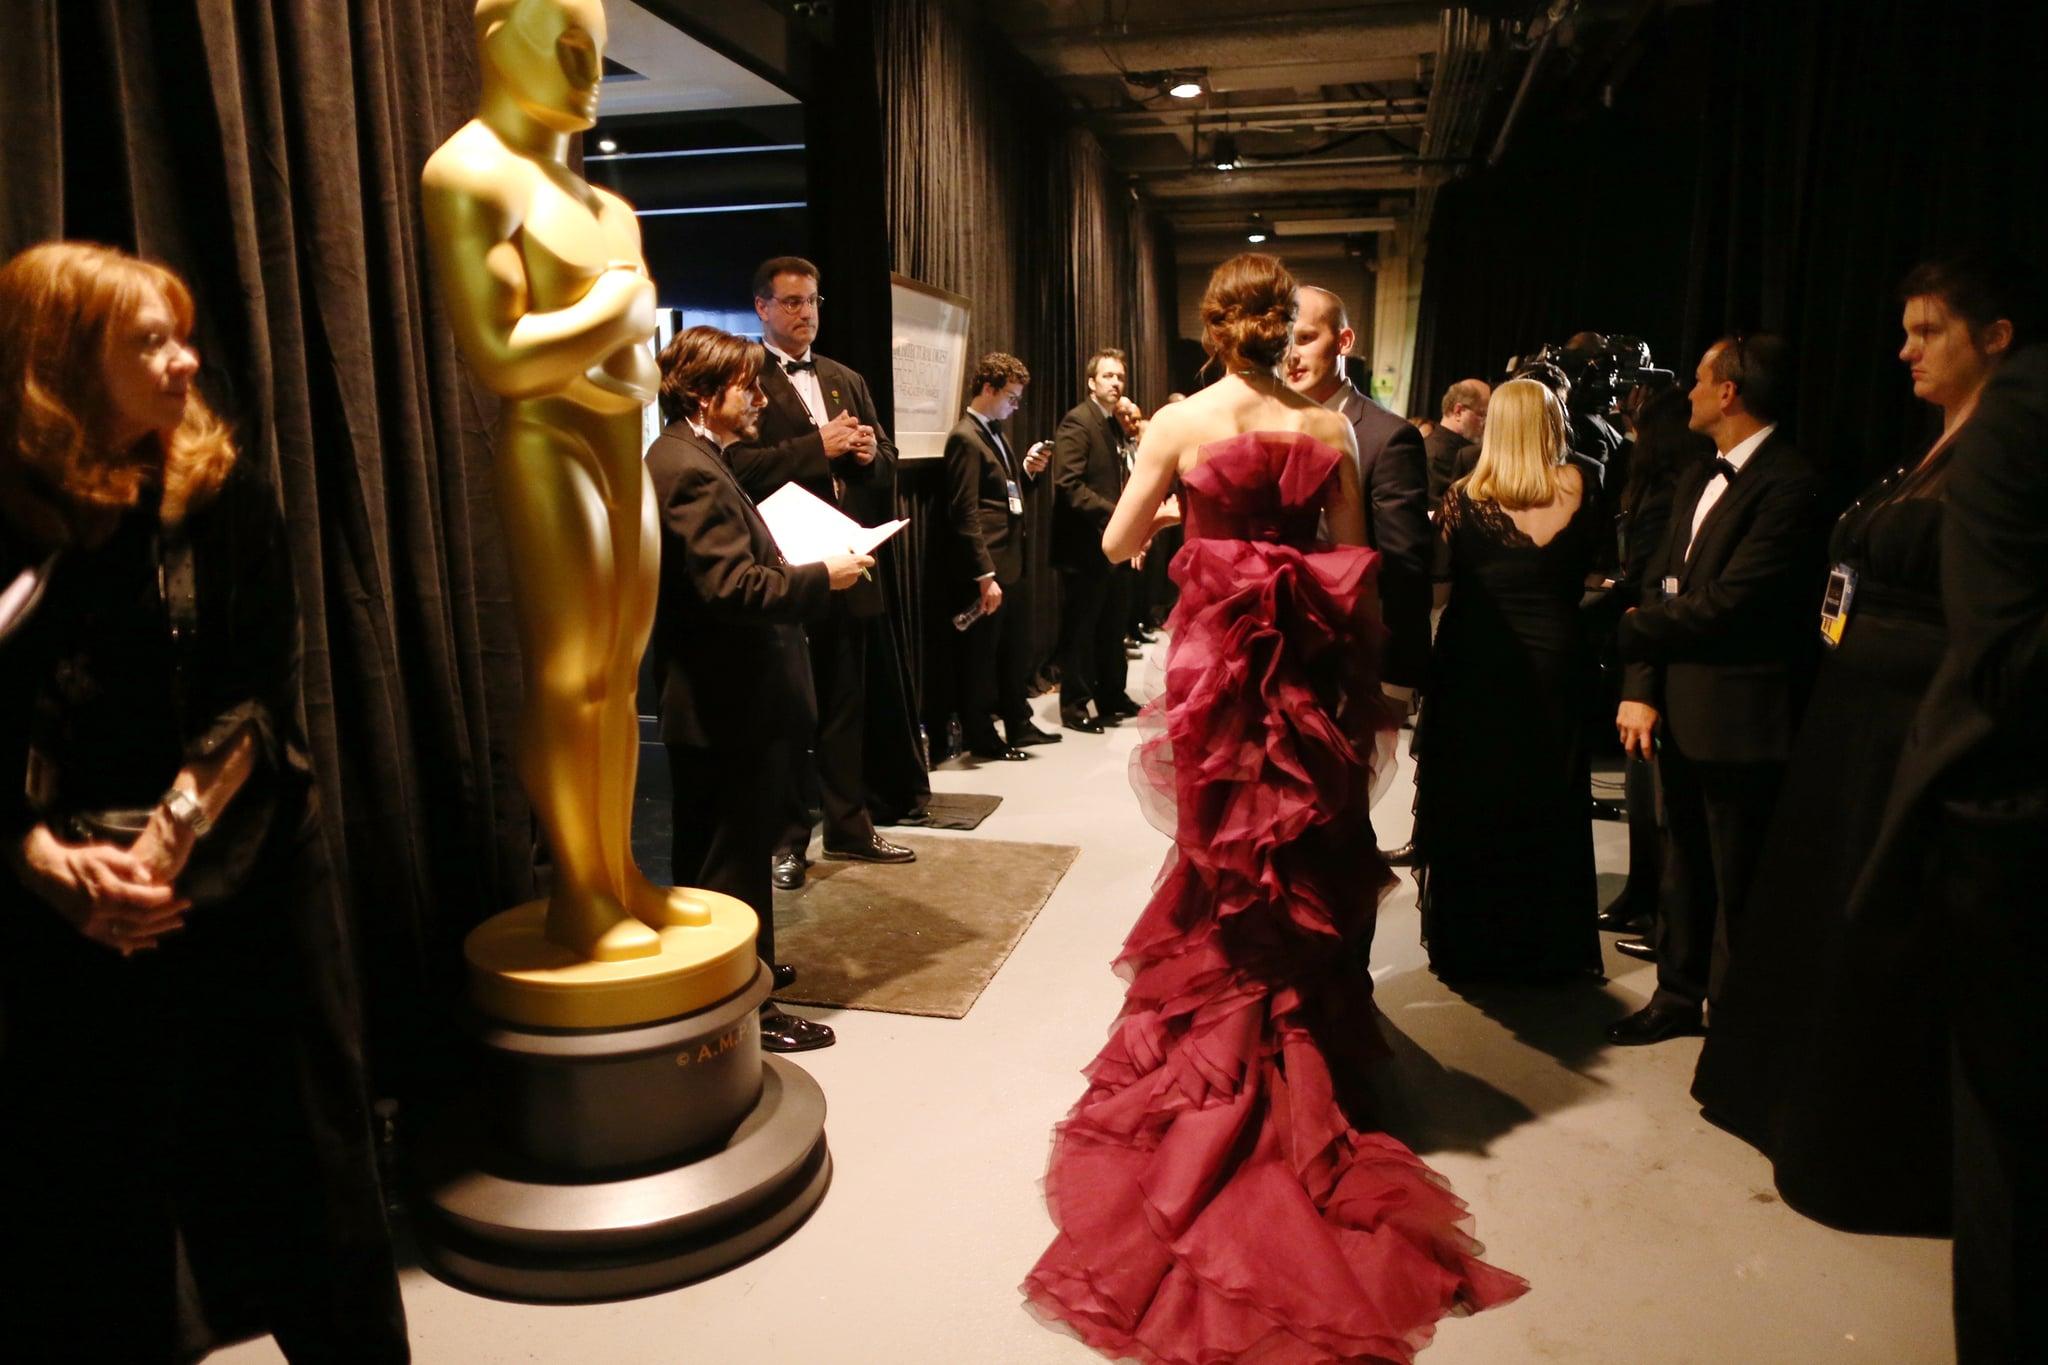 Jennifer Garner backstage at the 2013 Oscars.